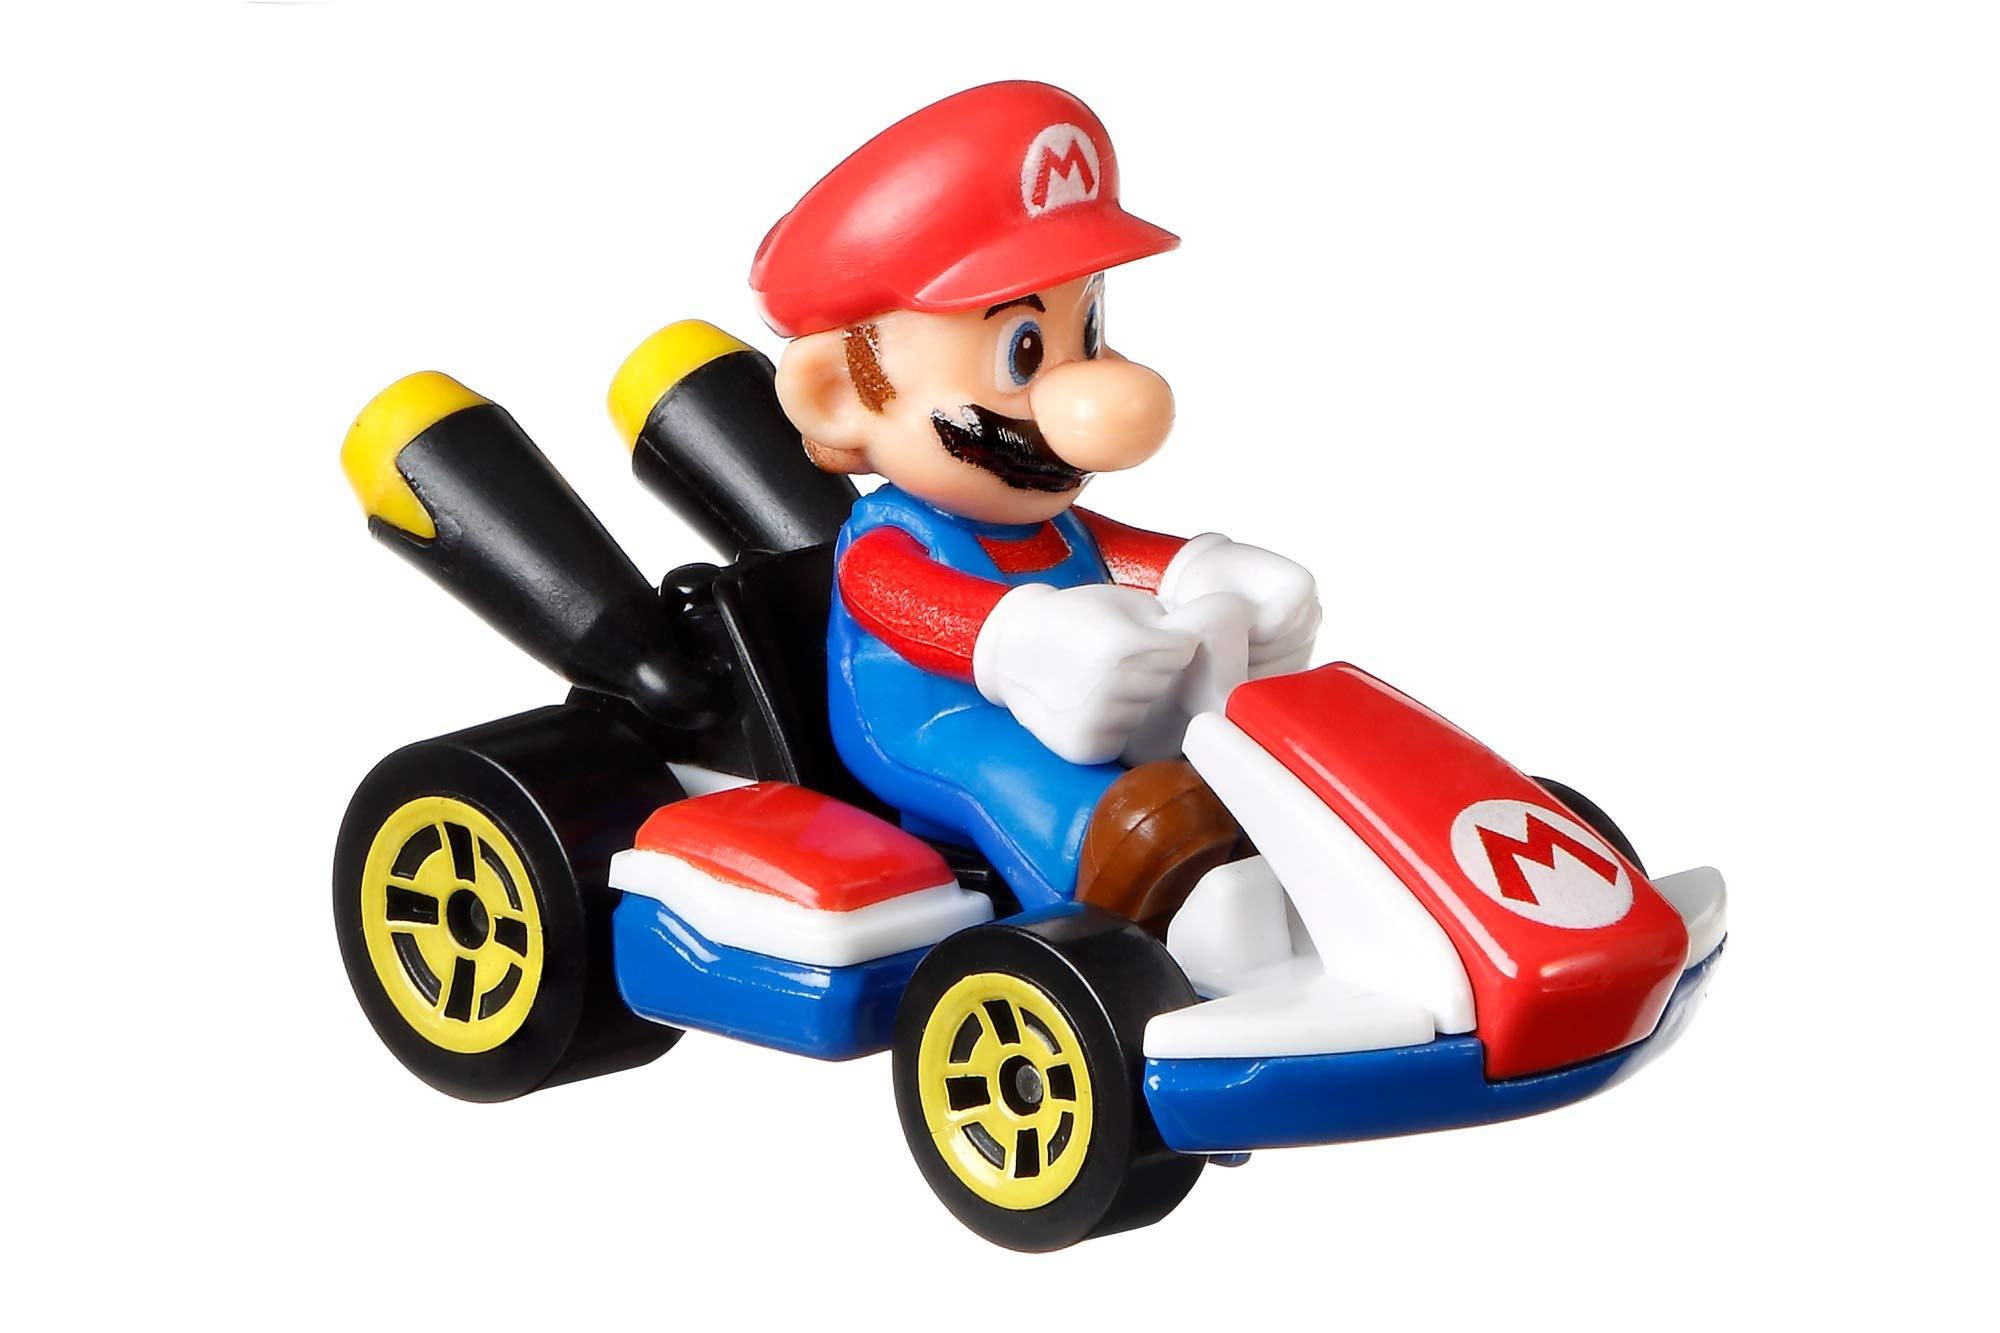 Hot Wheels GBG26 Mario Kart 1:64 Die-Cast Mario with Standard Kart Vehicle